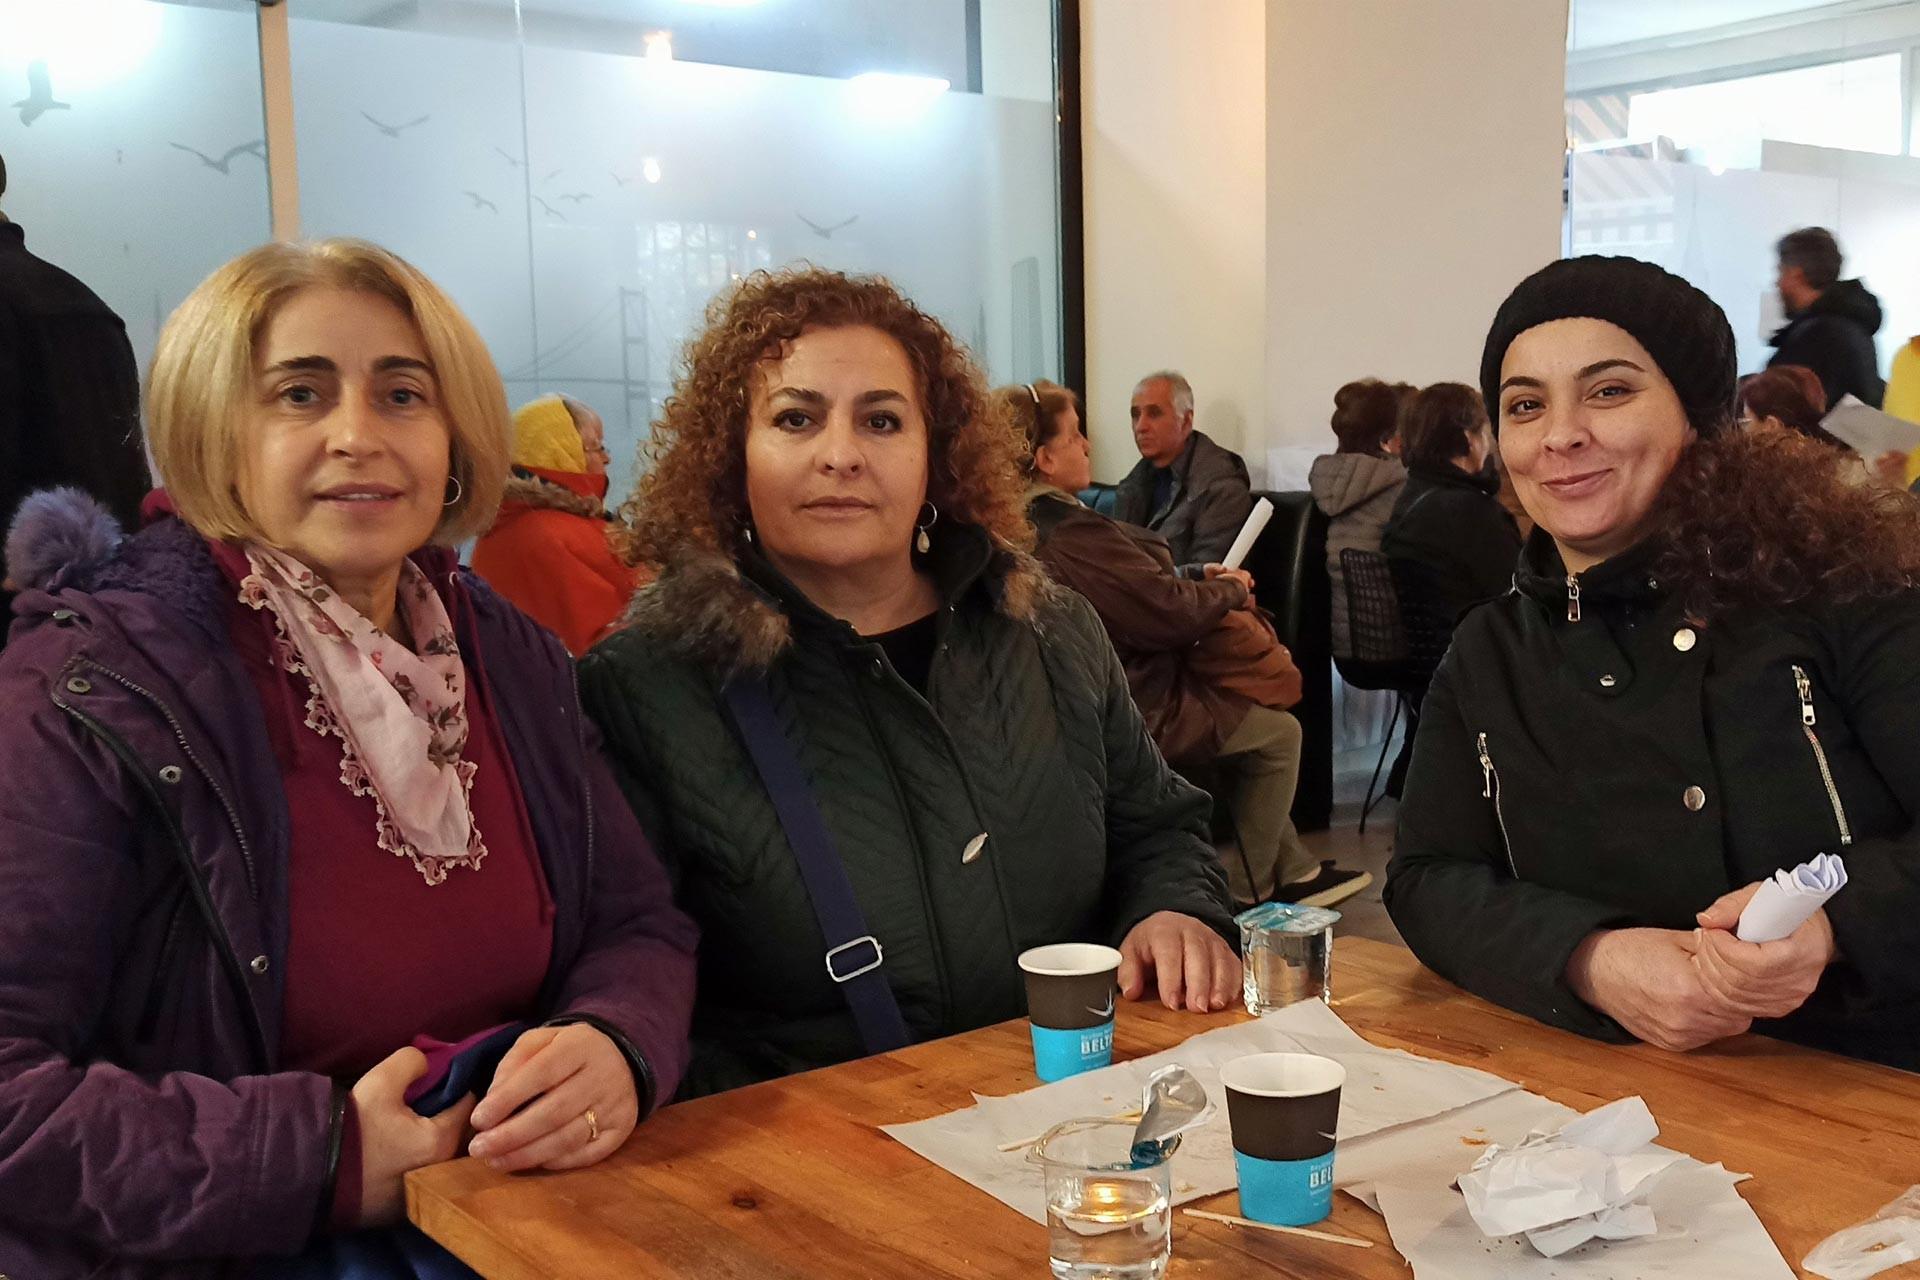 Kanal İstanbul projesine itiraz etmek üzere Çevre ve Şehircilik İl Müdürlüğüne dilekçe vermek için sırada bekleyen Leyla Tüneş, Gülseven ve Figen adlı yurttaşlar